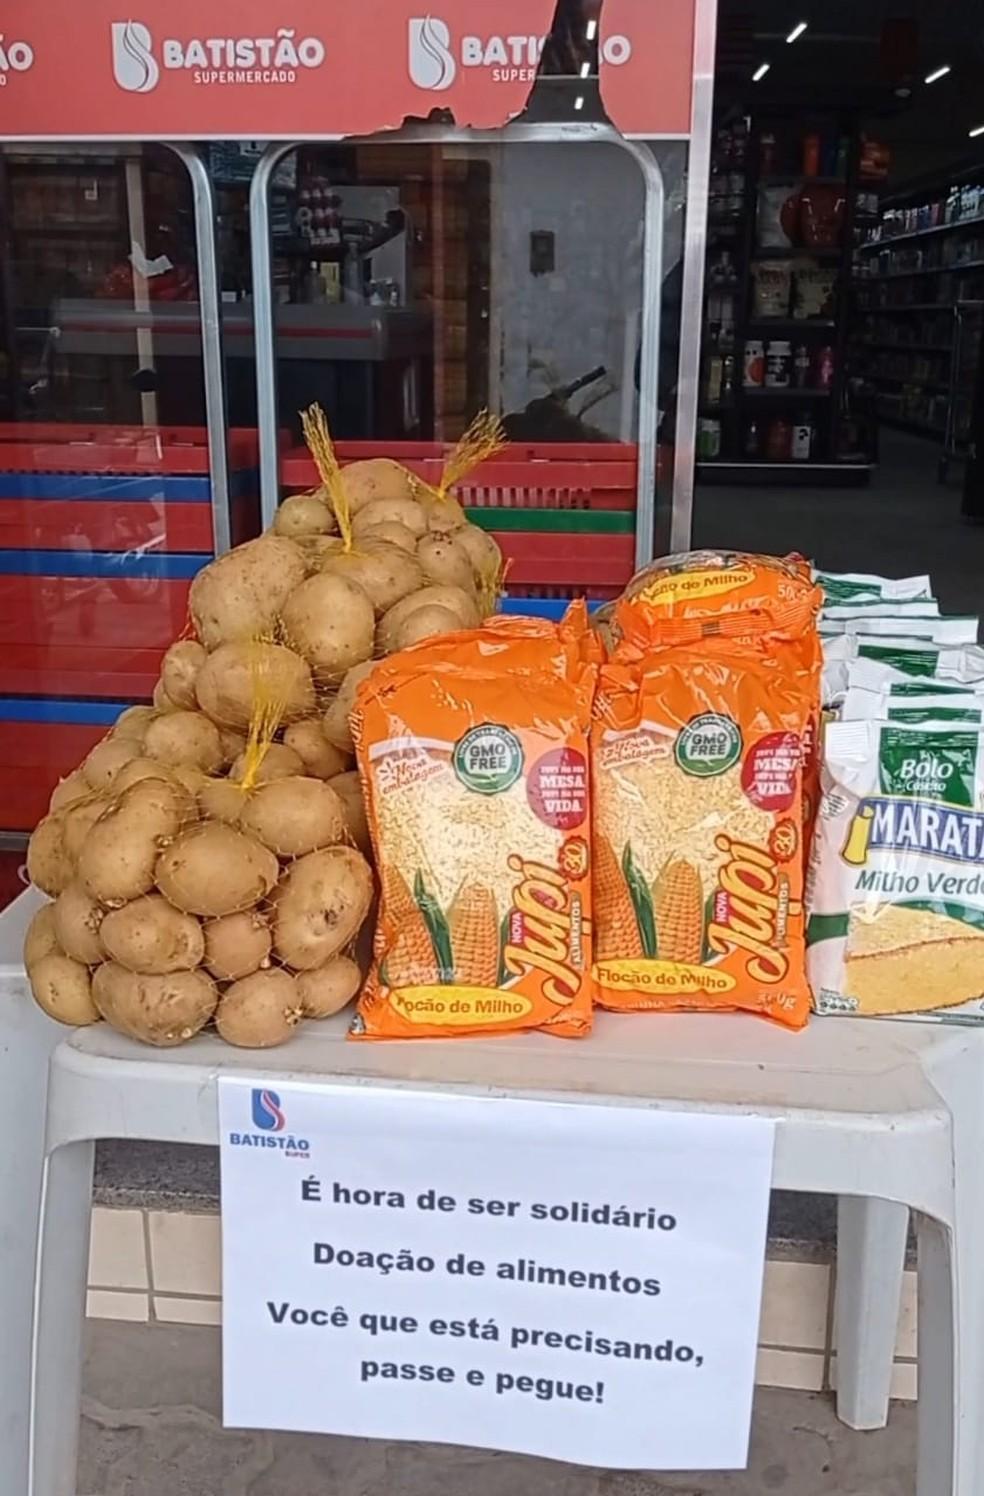 Padaria e mercado oferecem alimentos de graça no Piauí: 'pegue se você precisa' — Foto: Supermercado Batistão